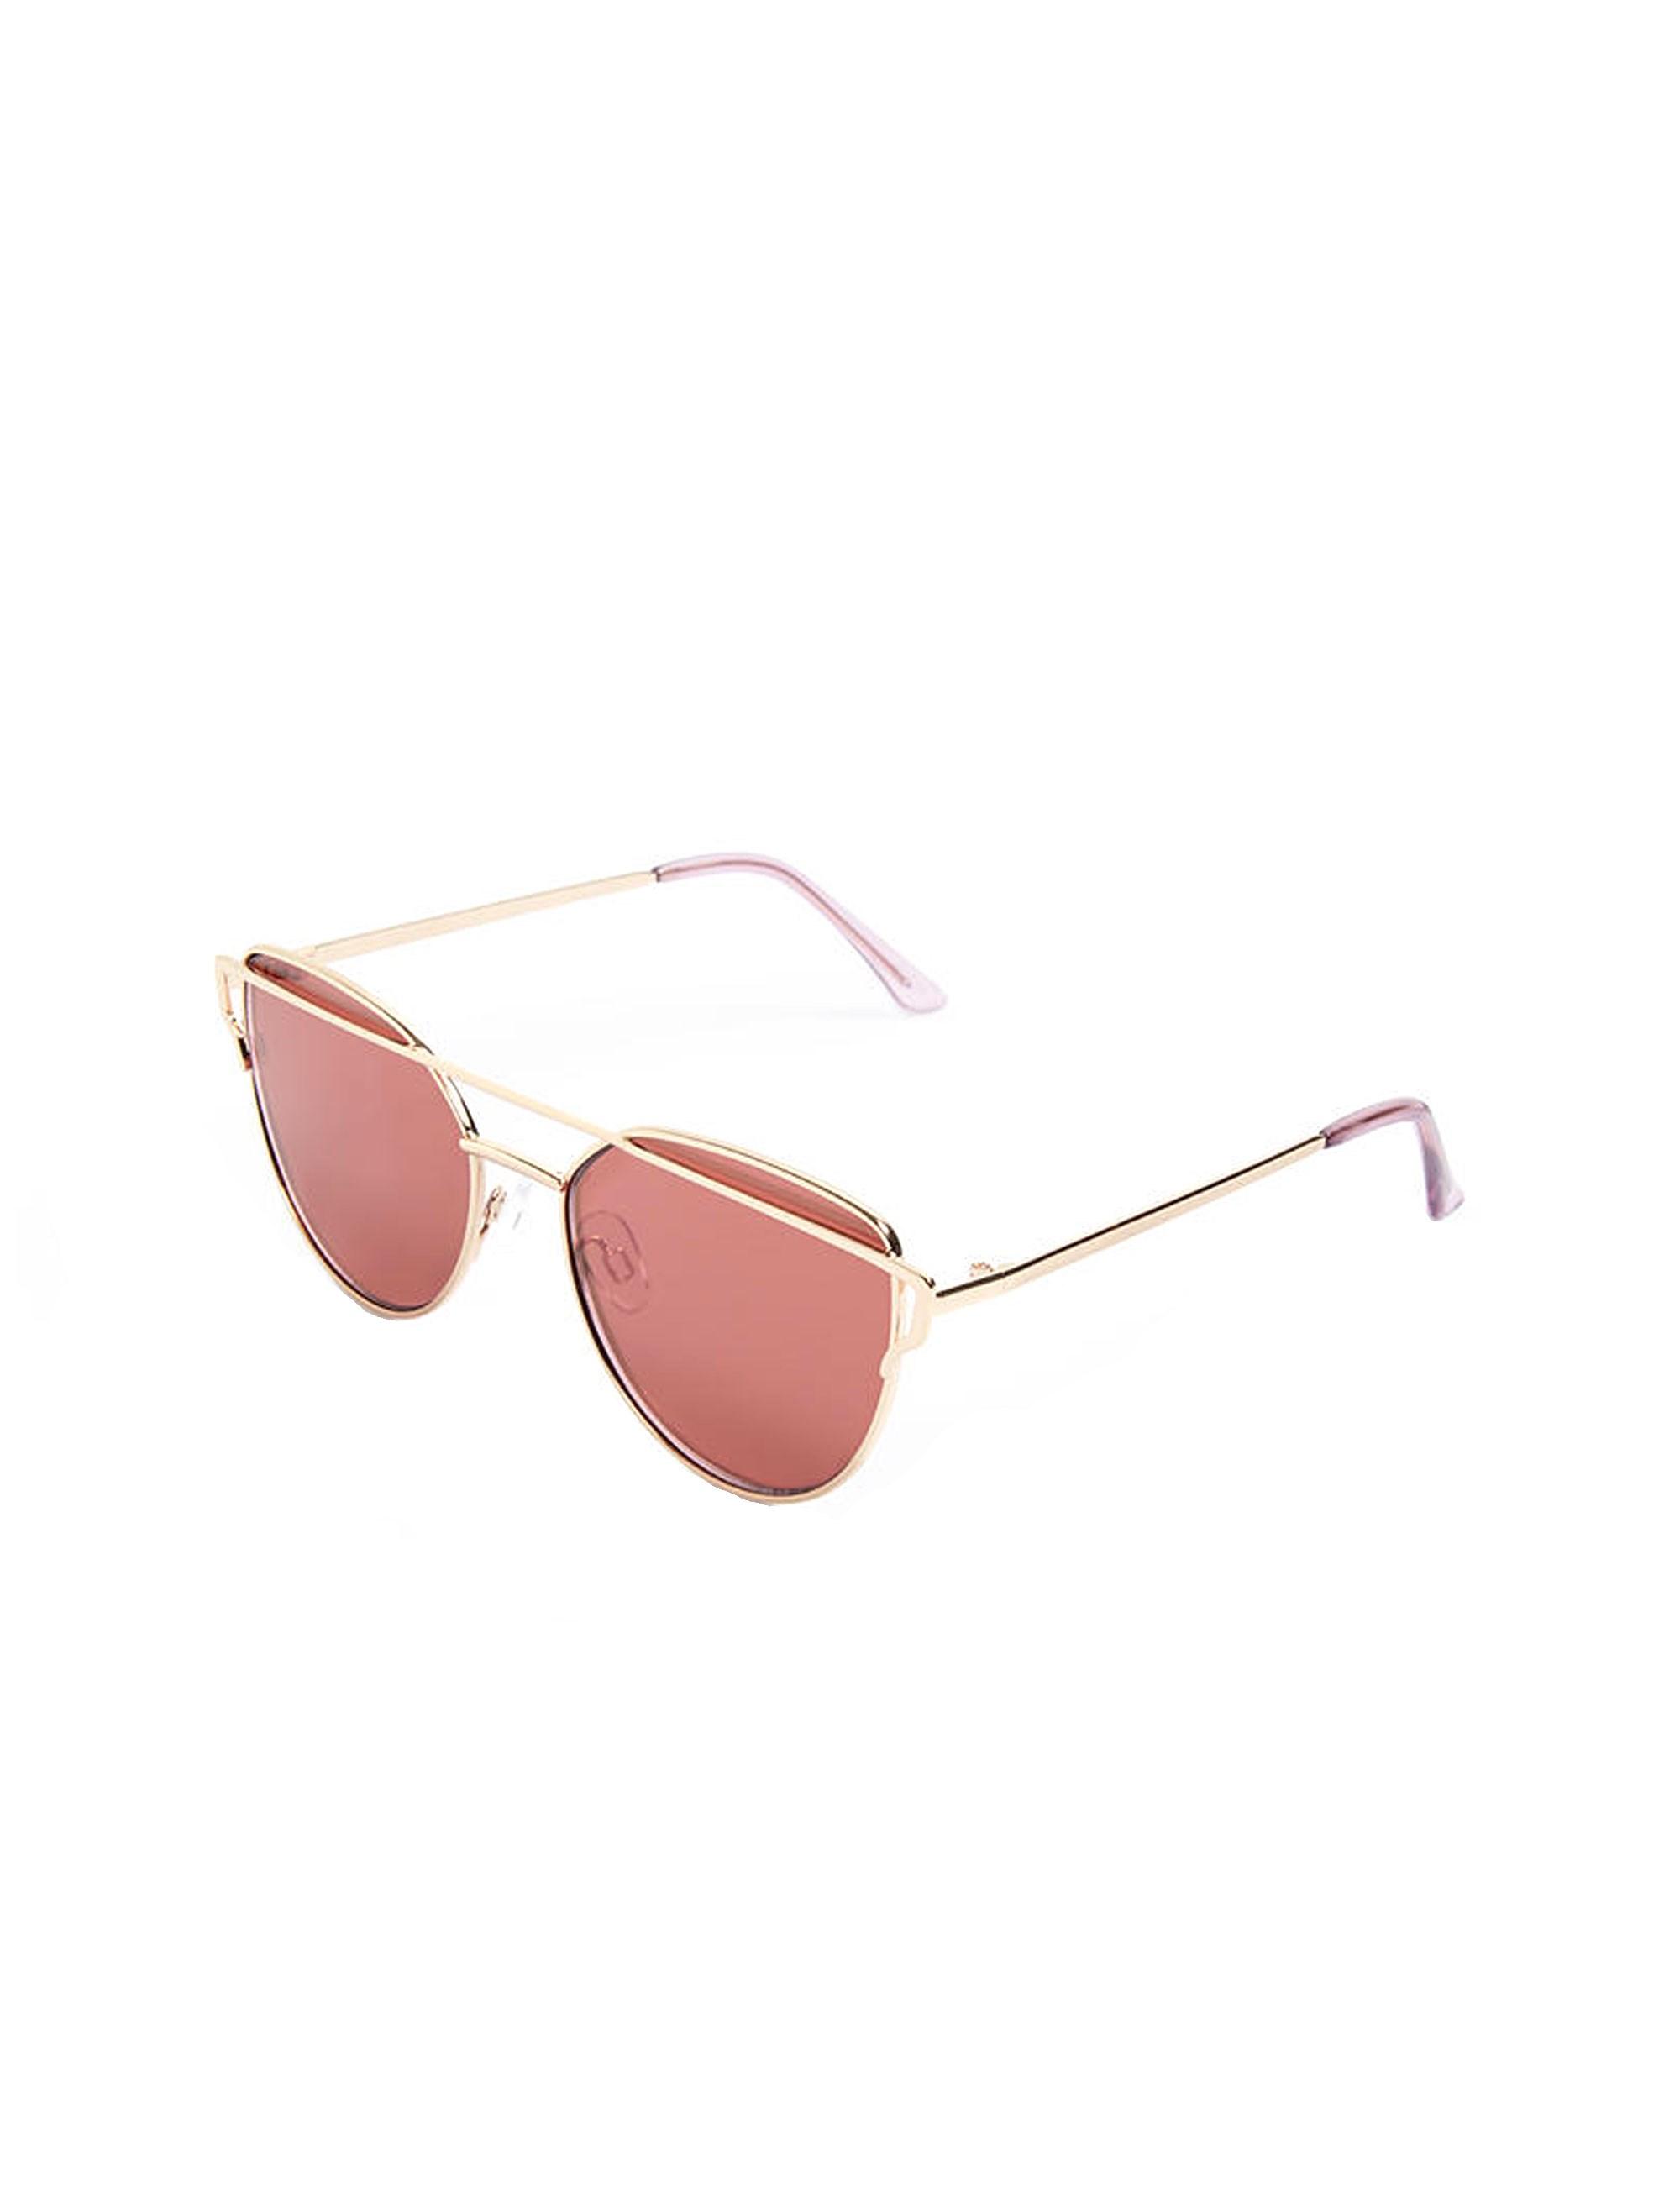 قیمت عینک آفتابی گربه ای زنانه - آلدو